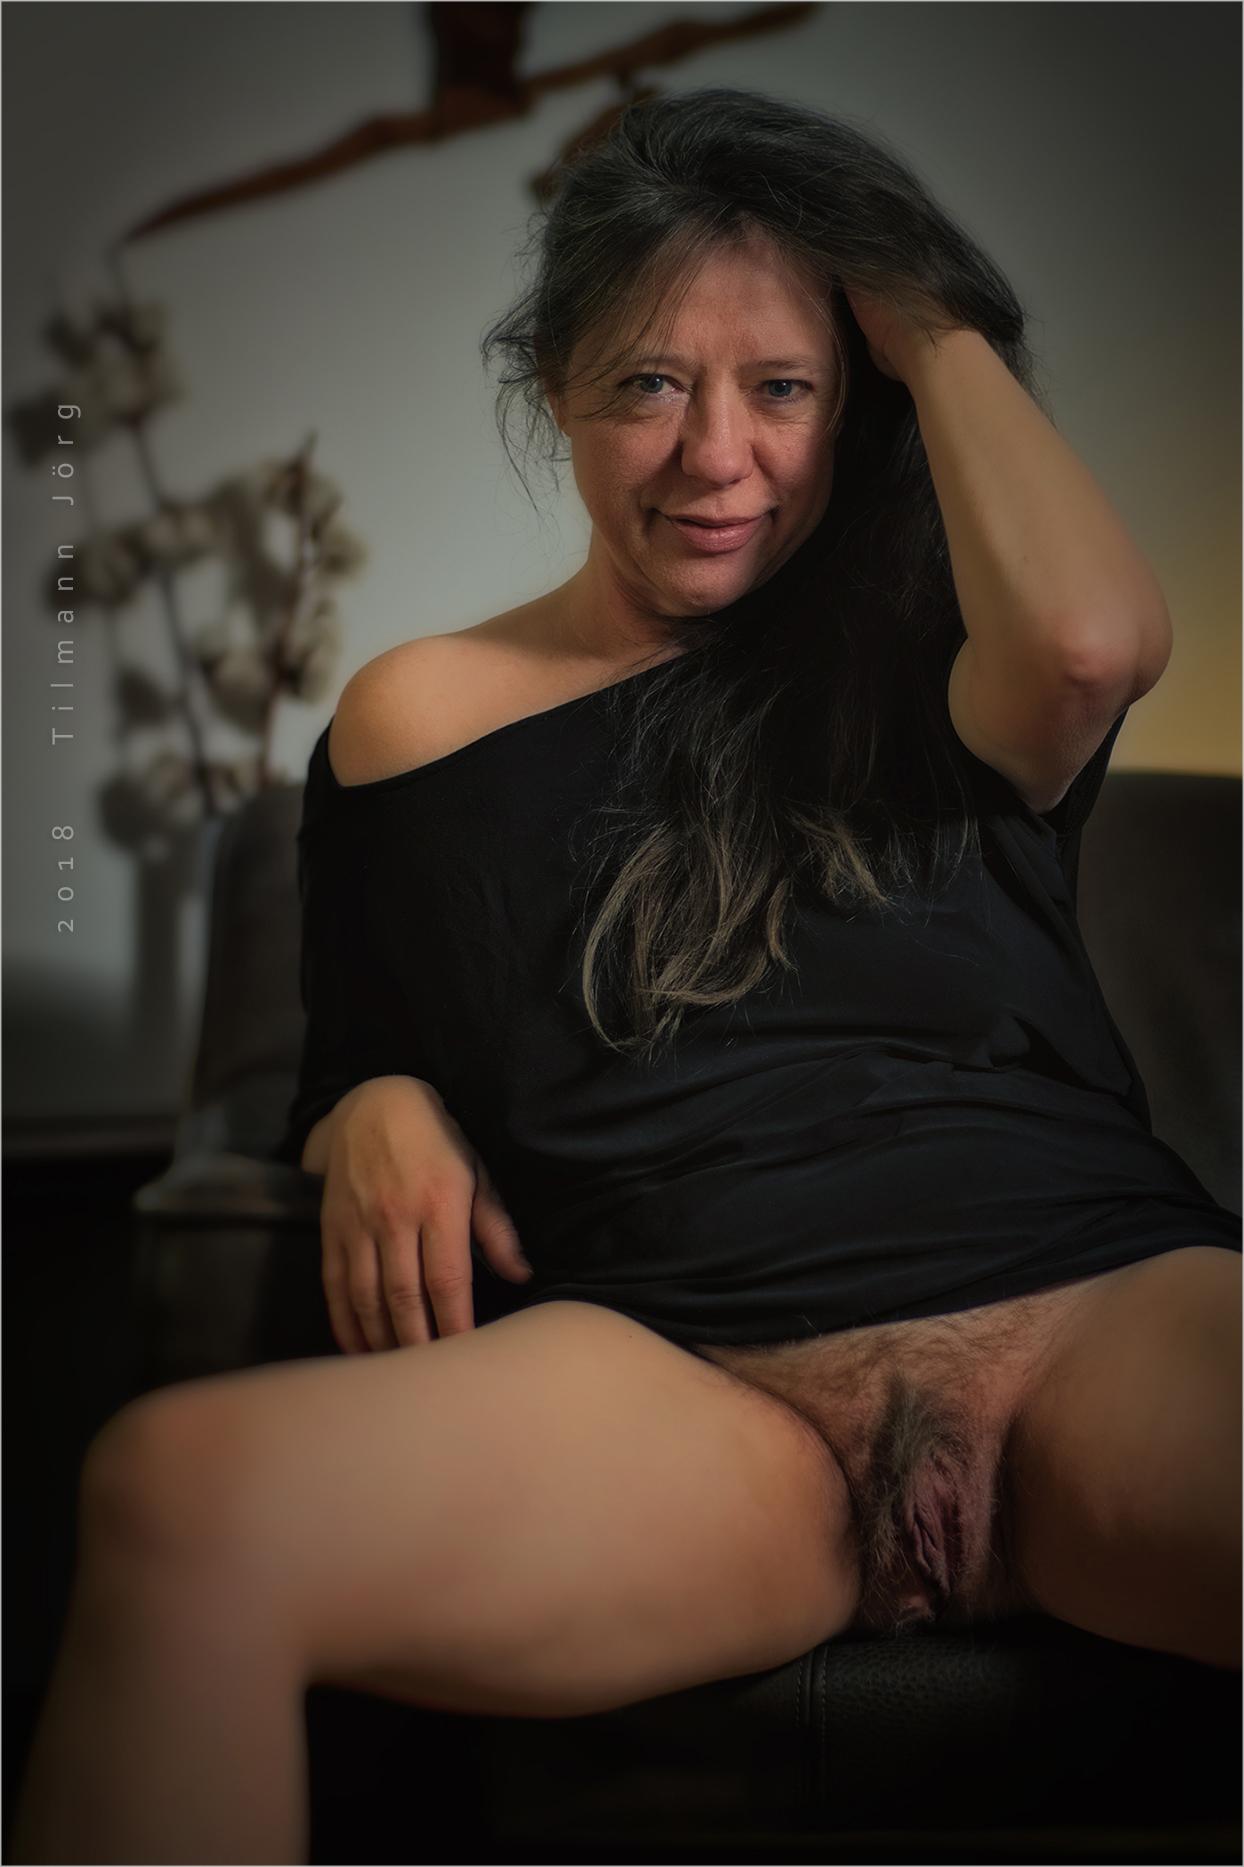 Schamlos Nackt